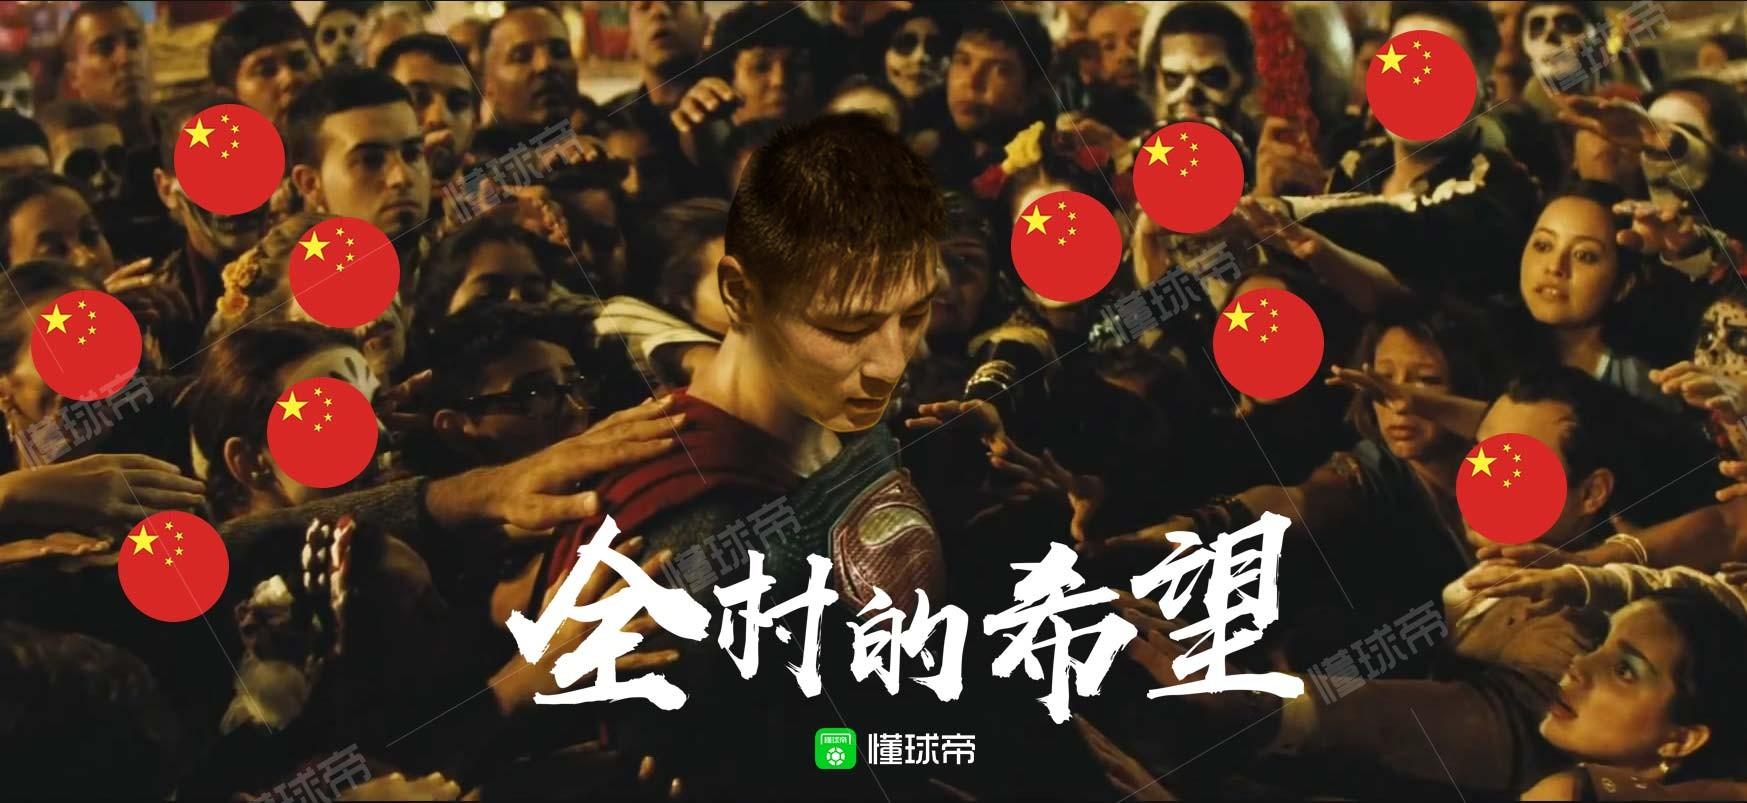 北京时间2月17日23:15西甲联赛第24轮瓦伦...